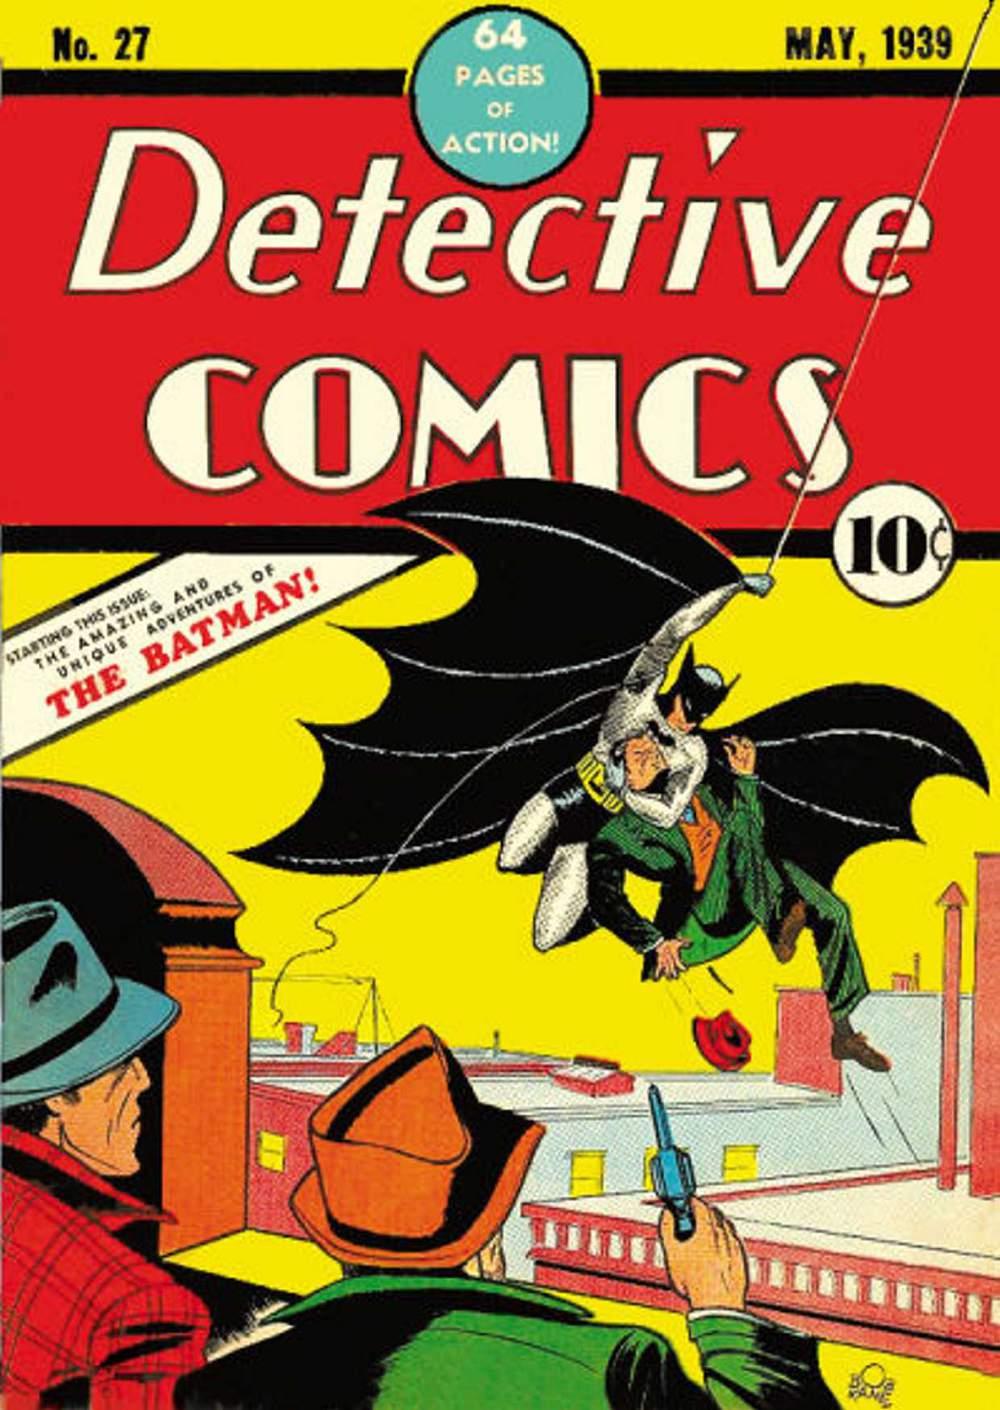 Bandes dessinées détective # 27